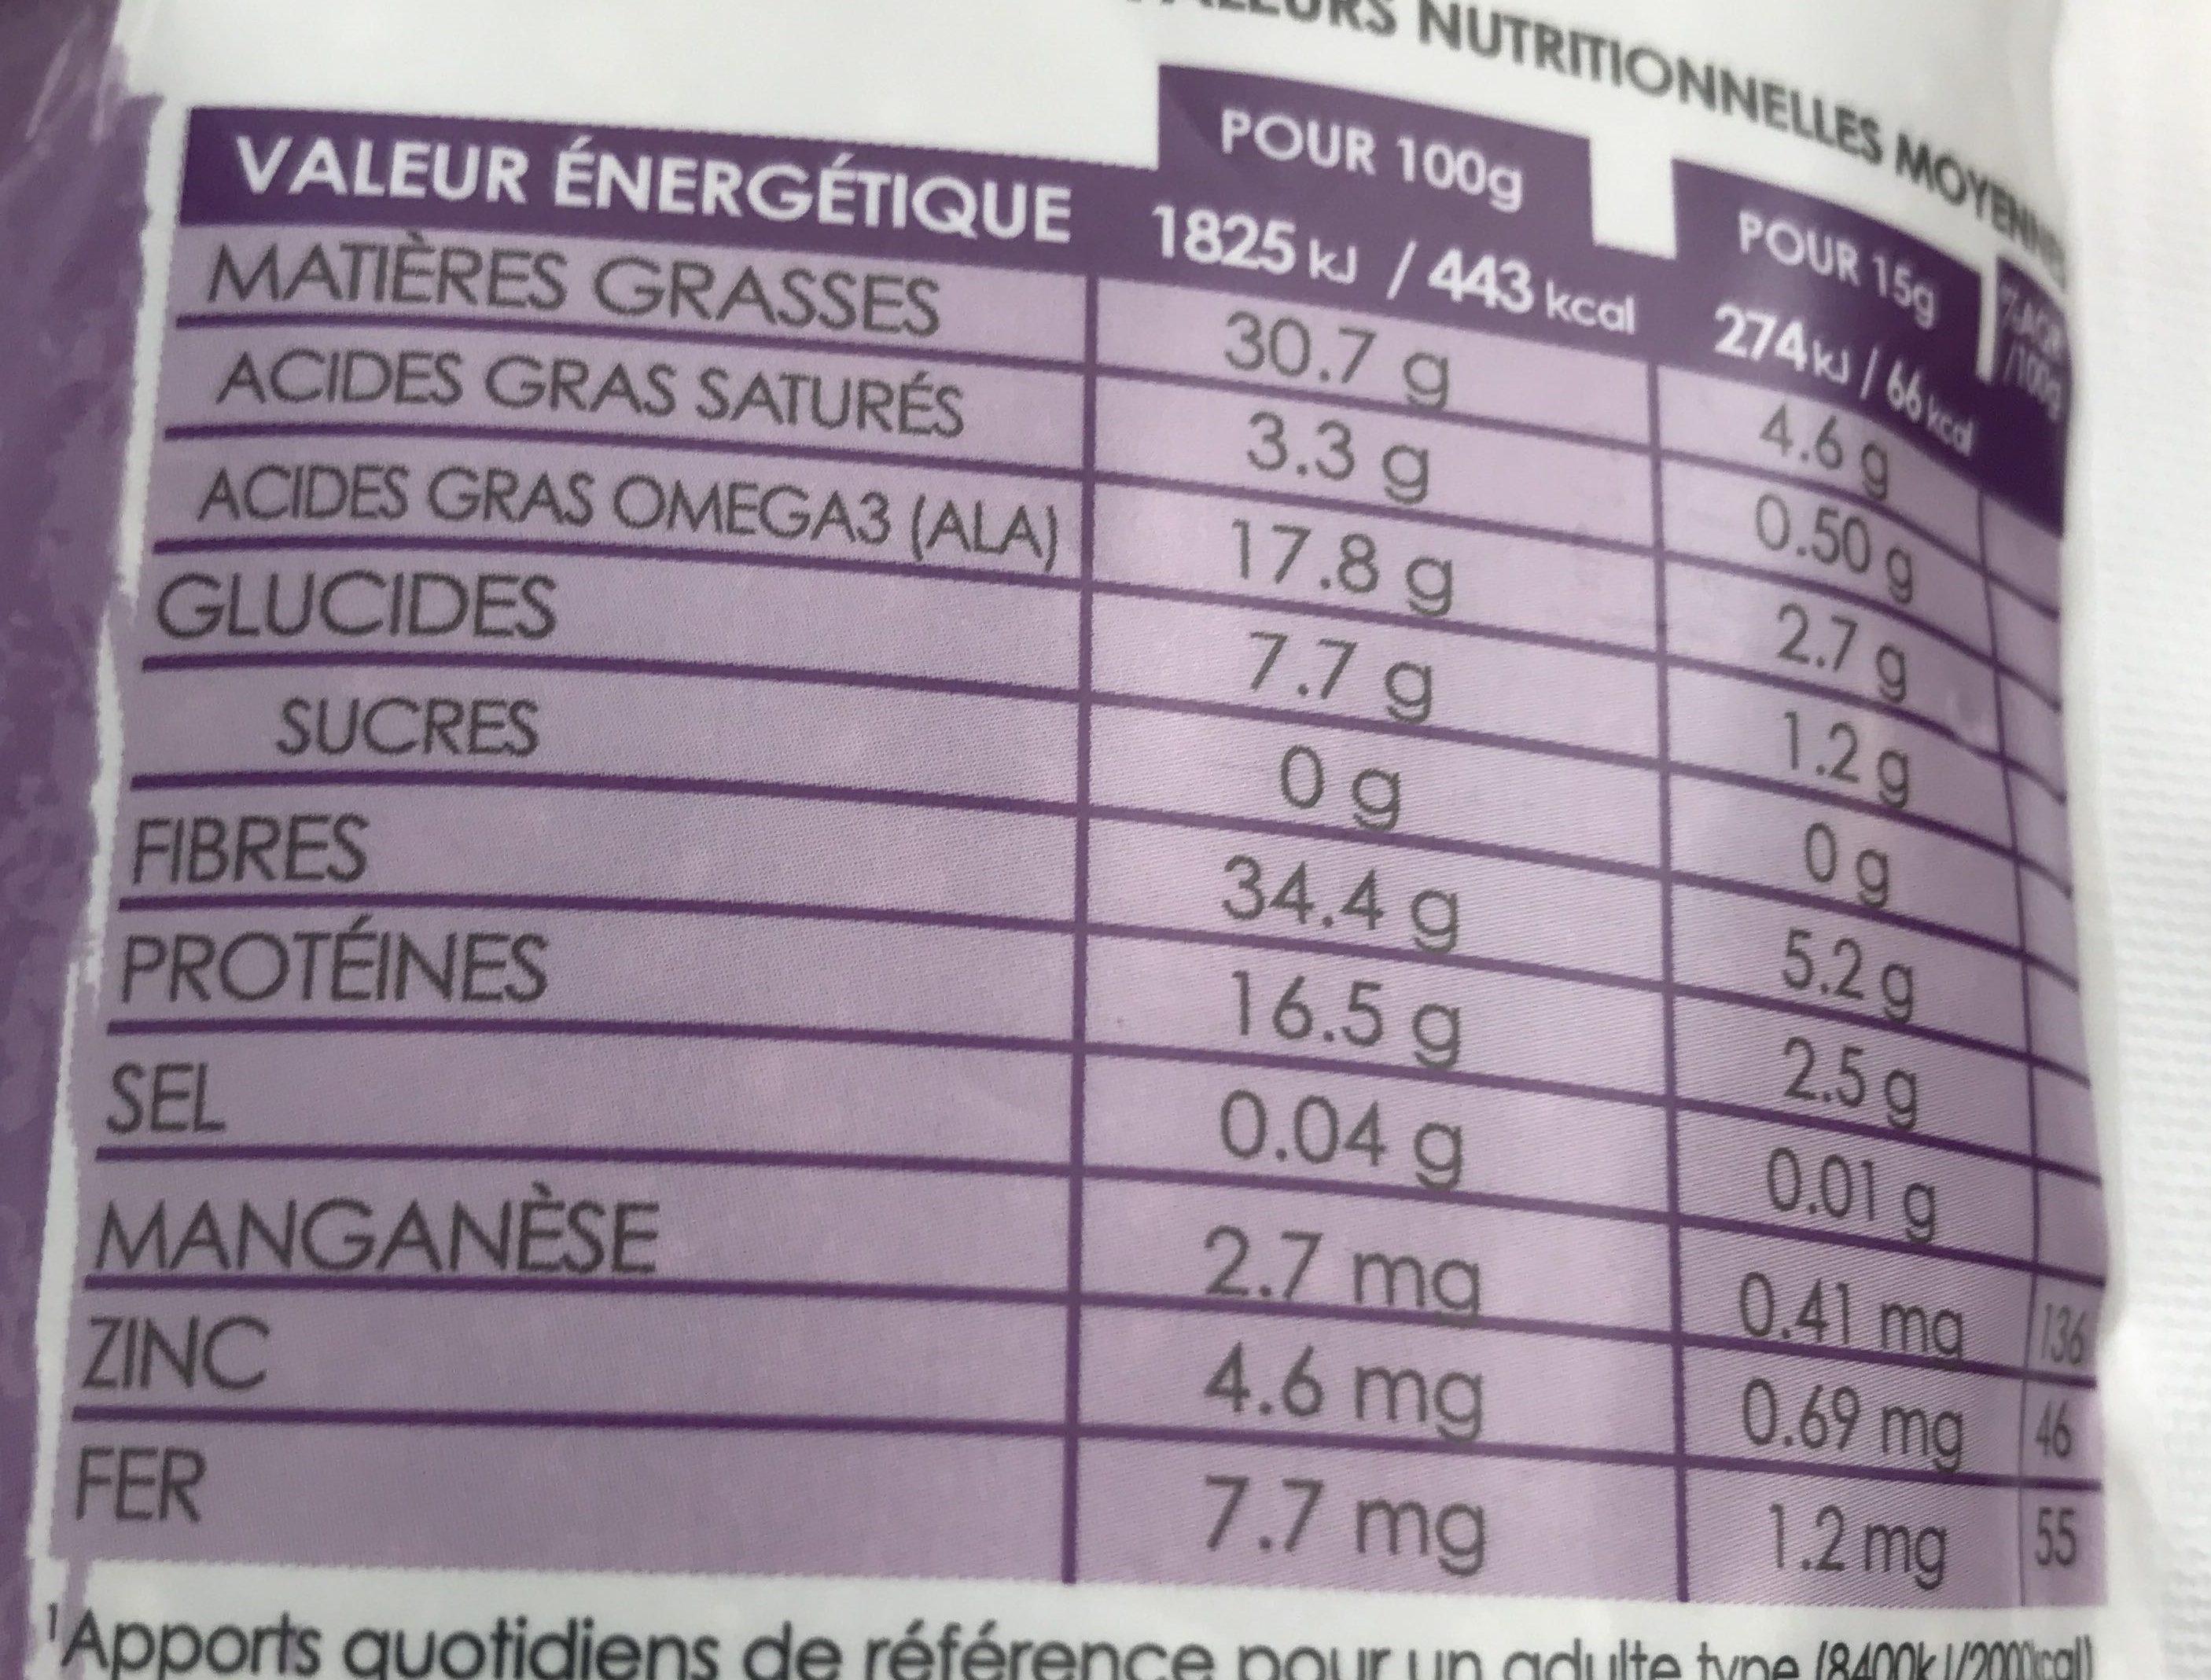 Graines de chia - Informations nutritionnelles - fr